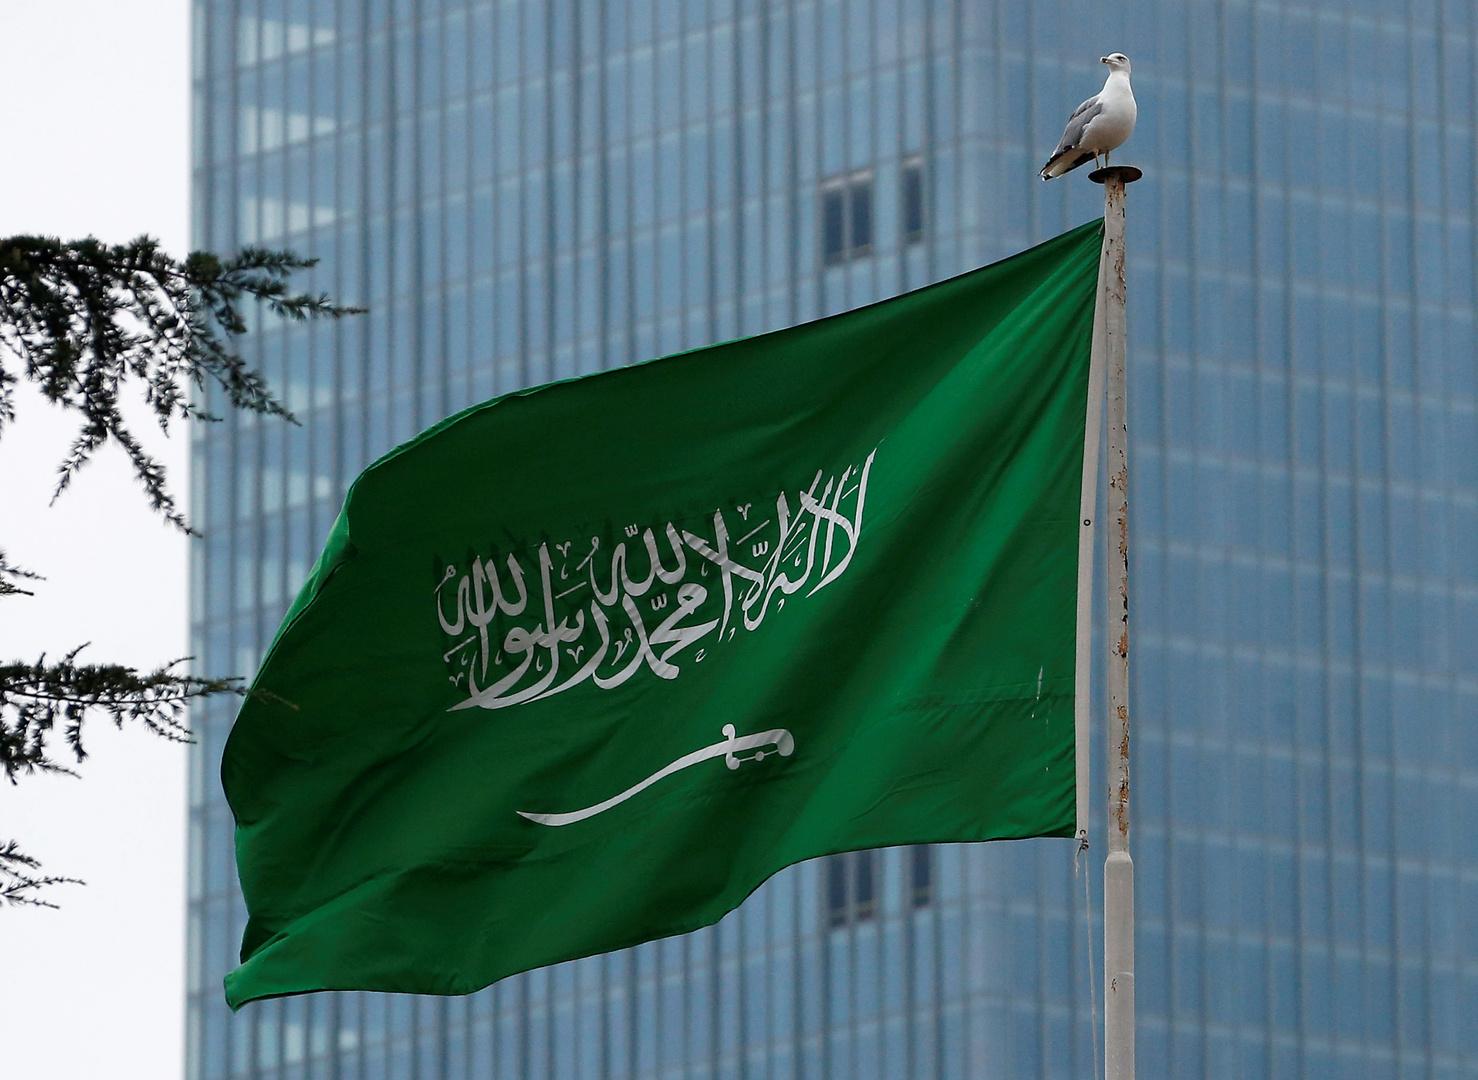 السعودية.. تحبط تهريب شحنة مخدرات كبيرة قادمة من تركيا